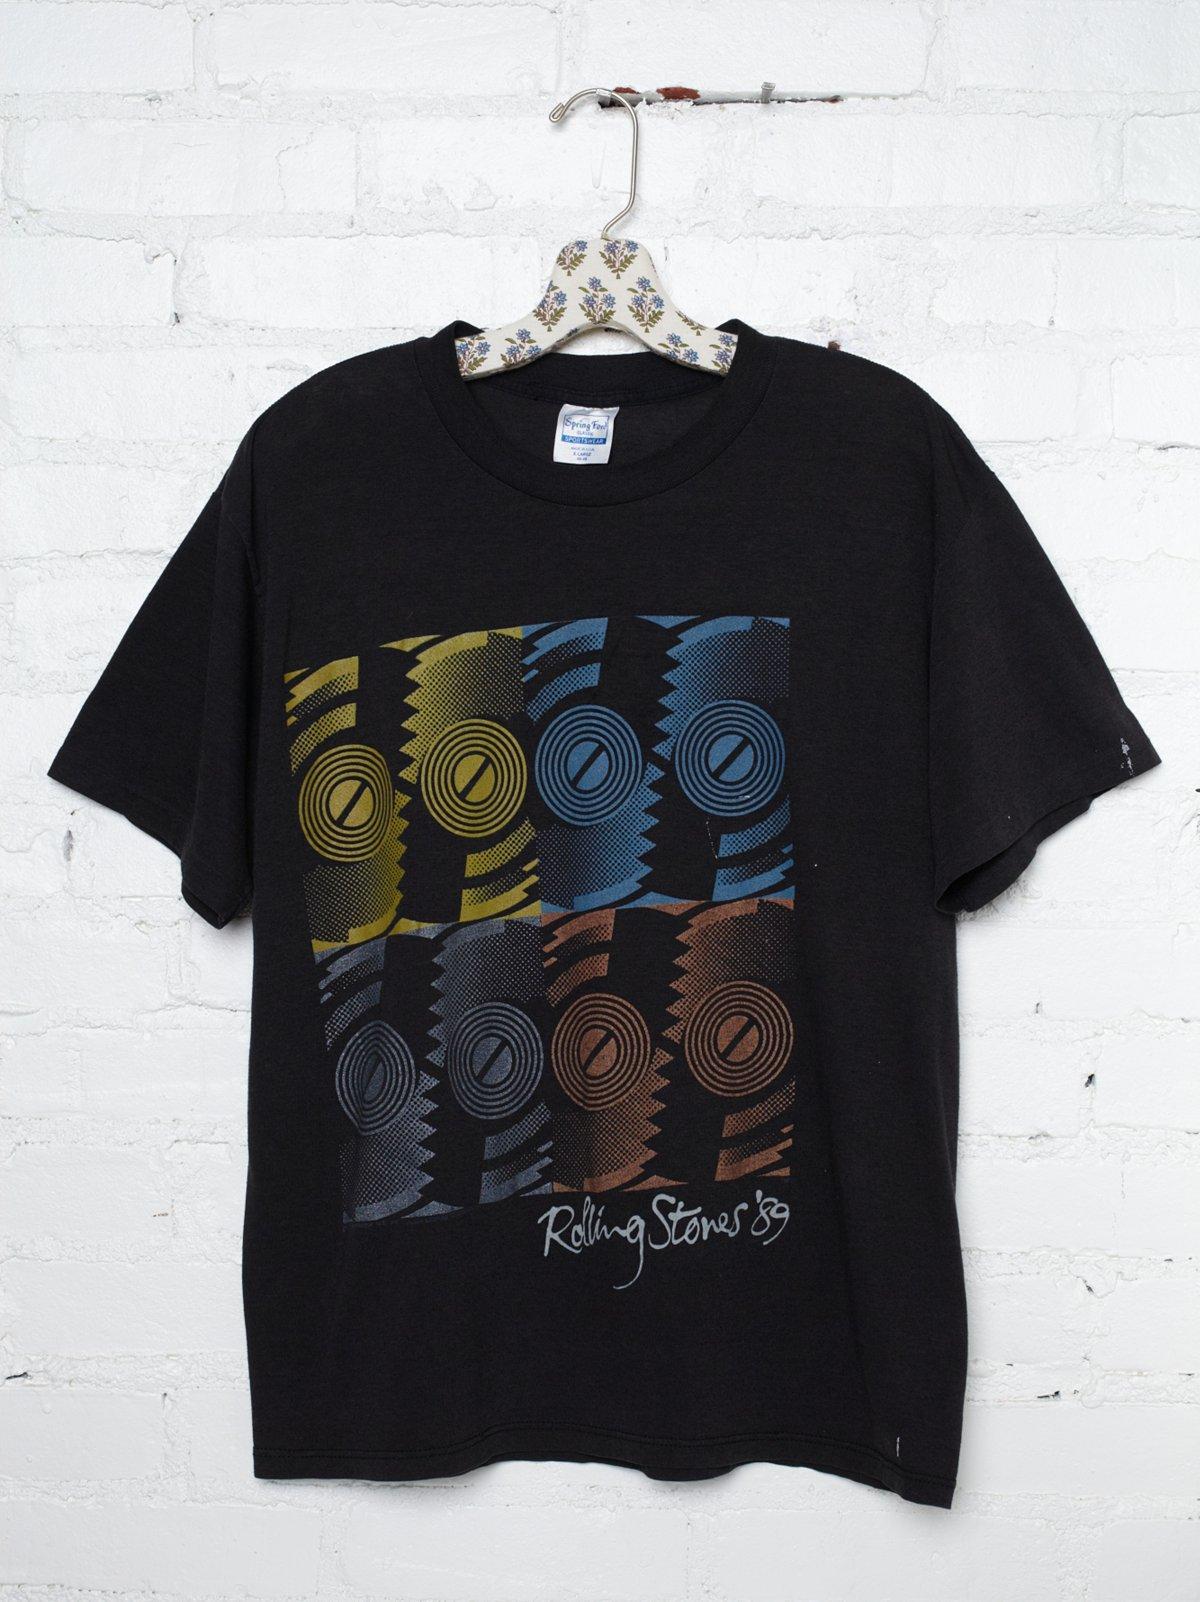 Vintage Rolling Stones Tee